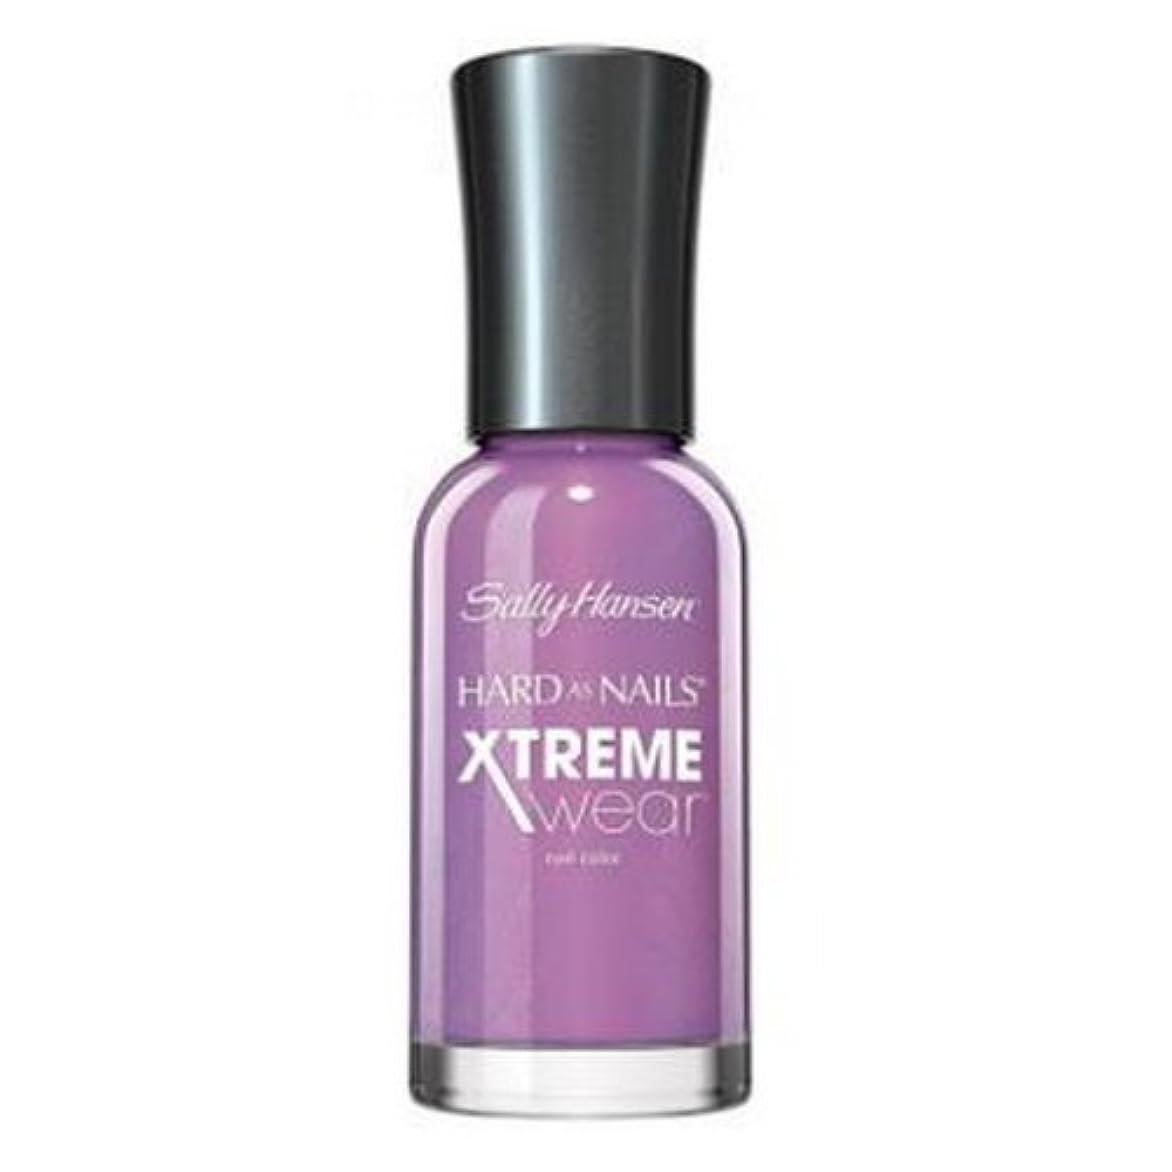 頑丈突破口怒っているSALLY HANSEN Hard As Nails Xtreme Wear - Violet Voltage (並行輸入品)